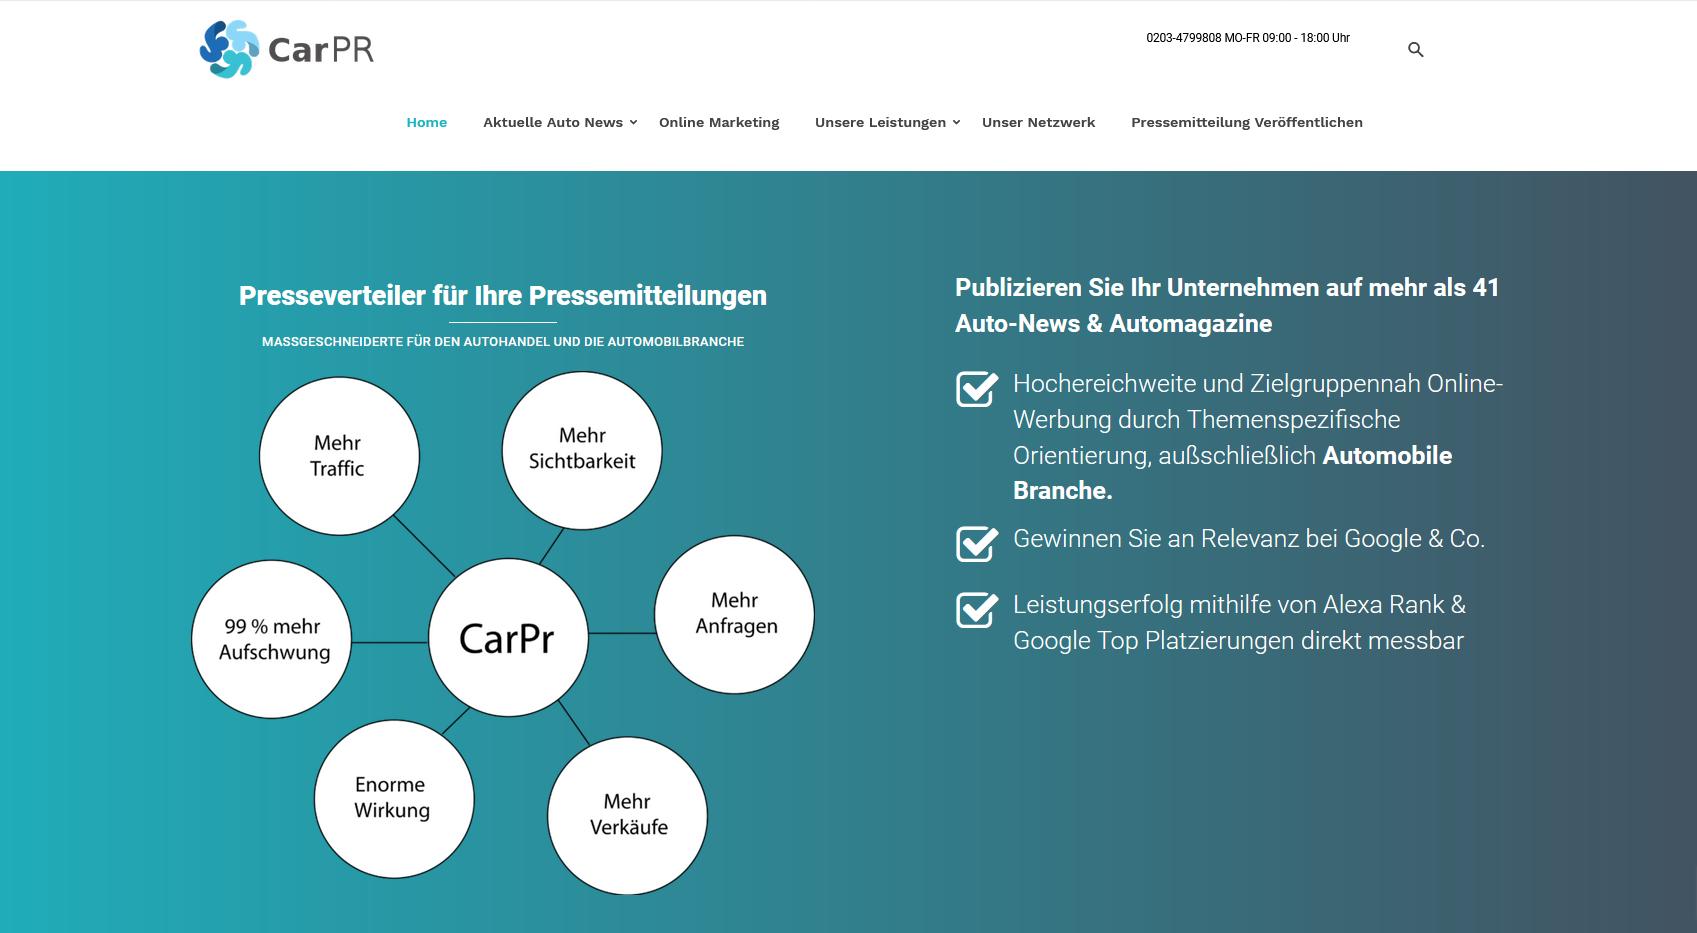 autohaus marketing online marketing fuer autohaus - Autohaus Marketing   Online Marketing für Autohaus